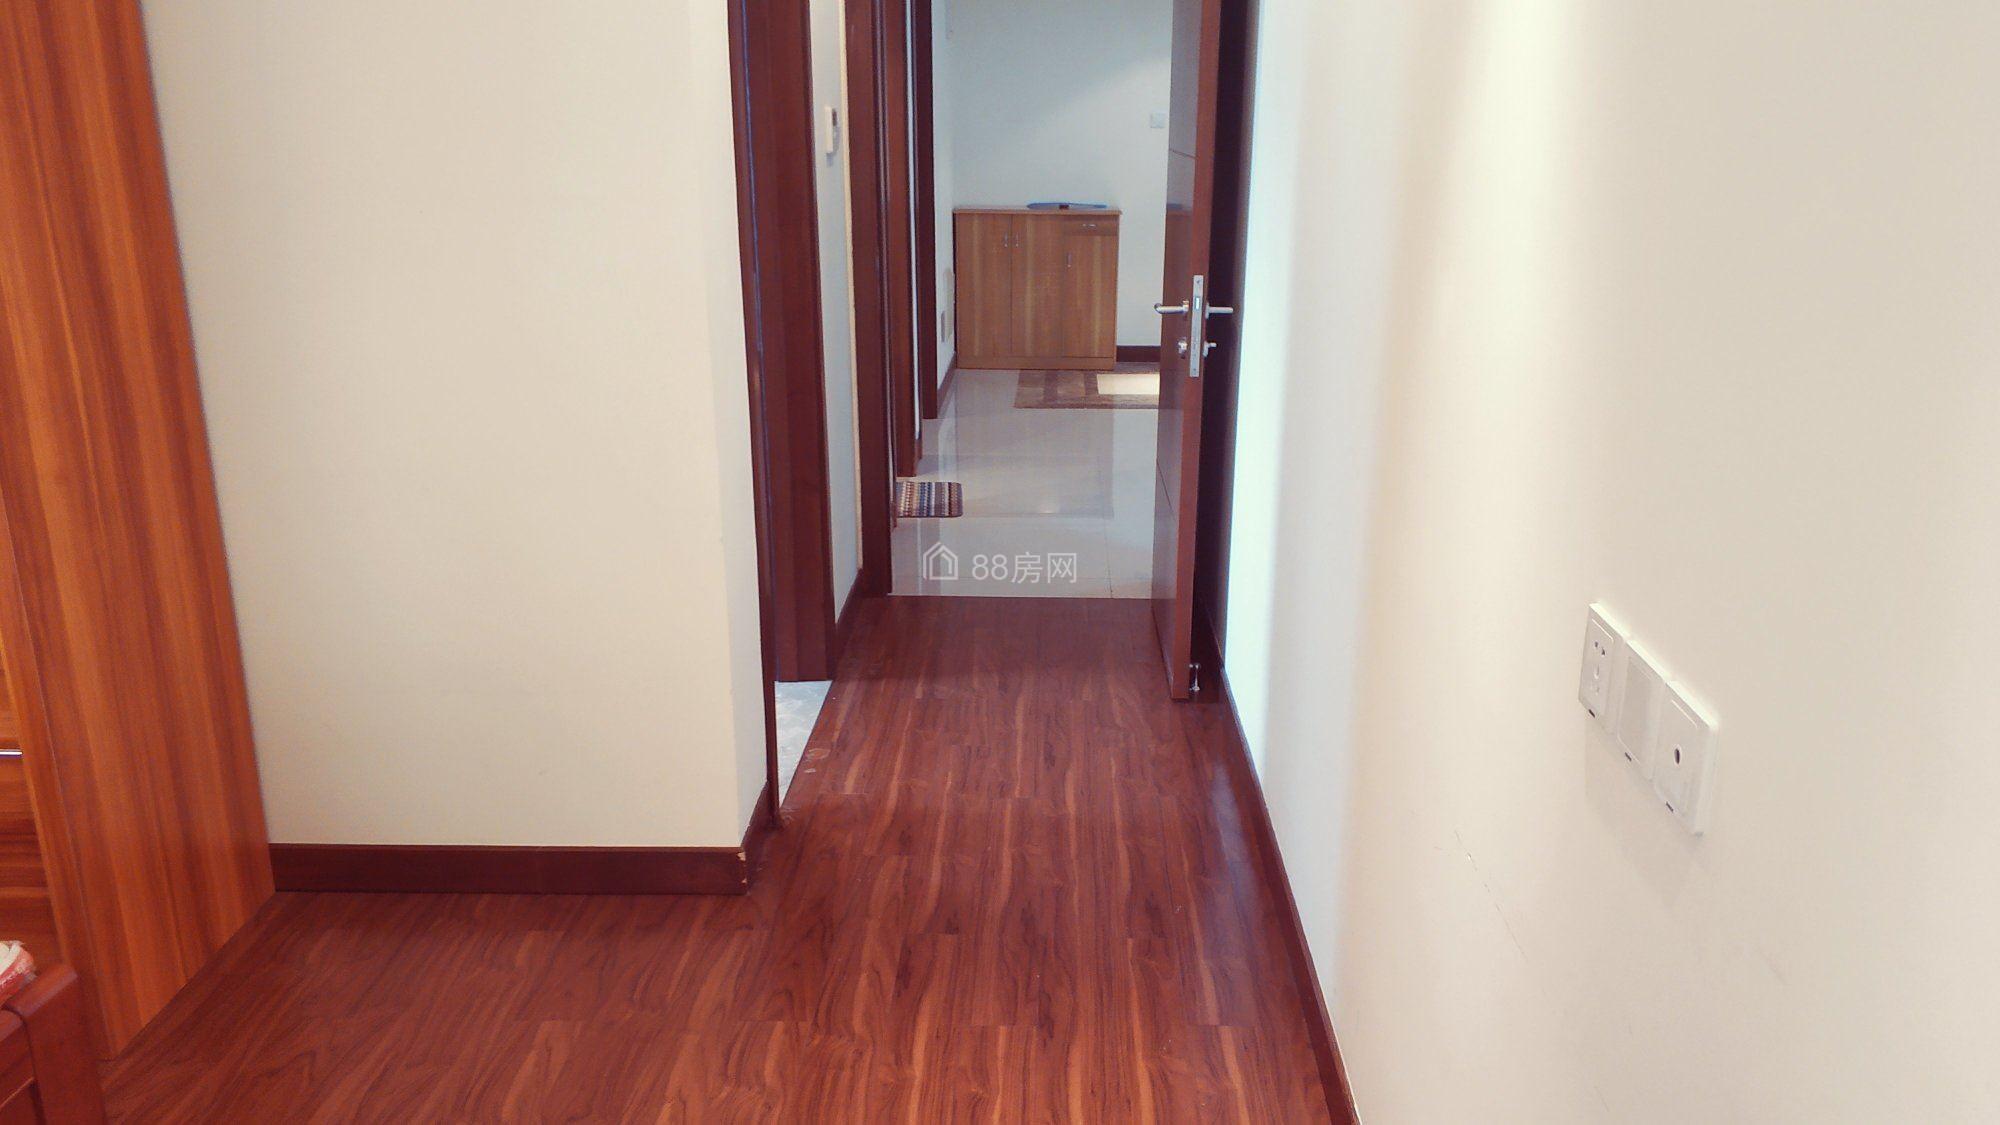 吉田国际 精装两房 性价比极高 可随时看房 欢迎来电!